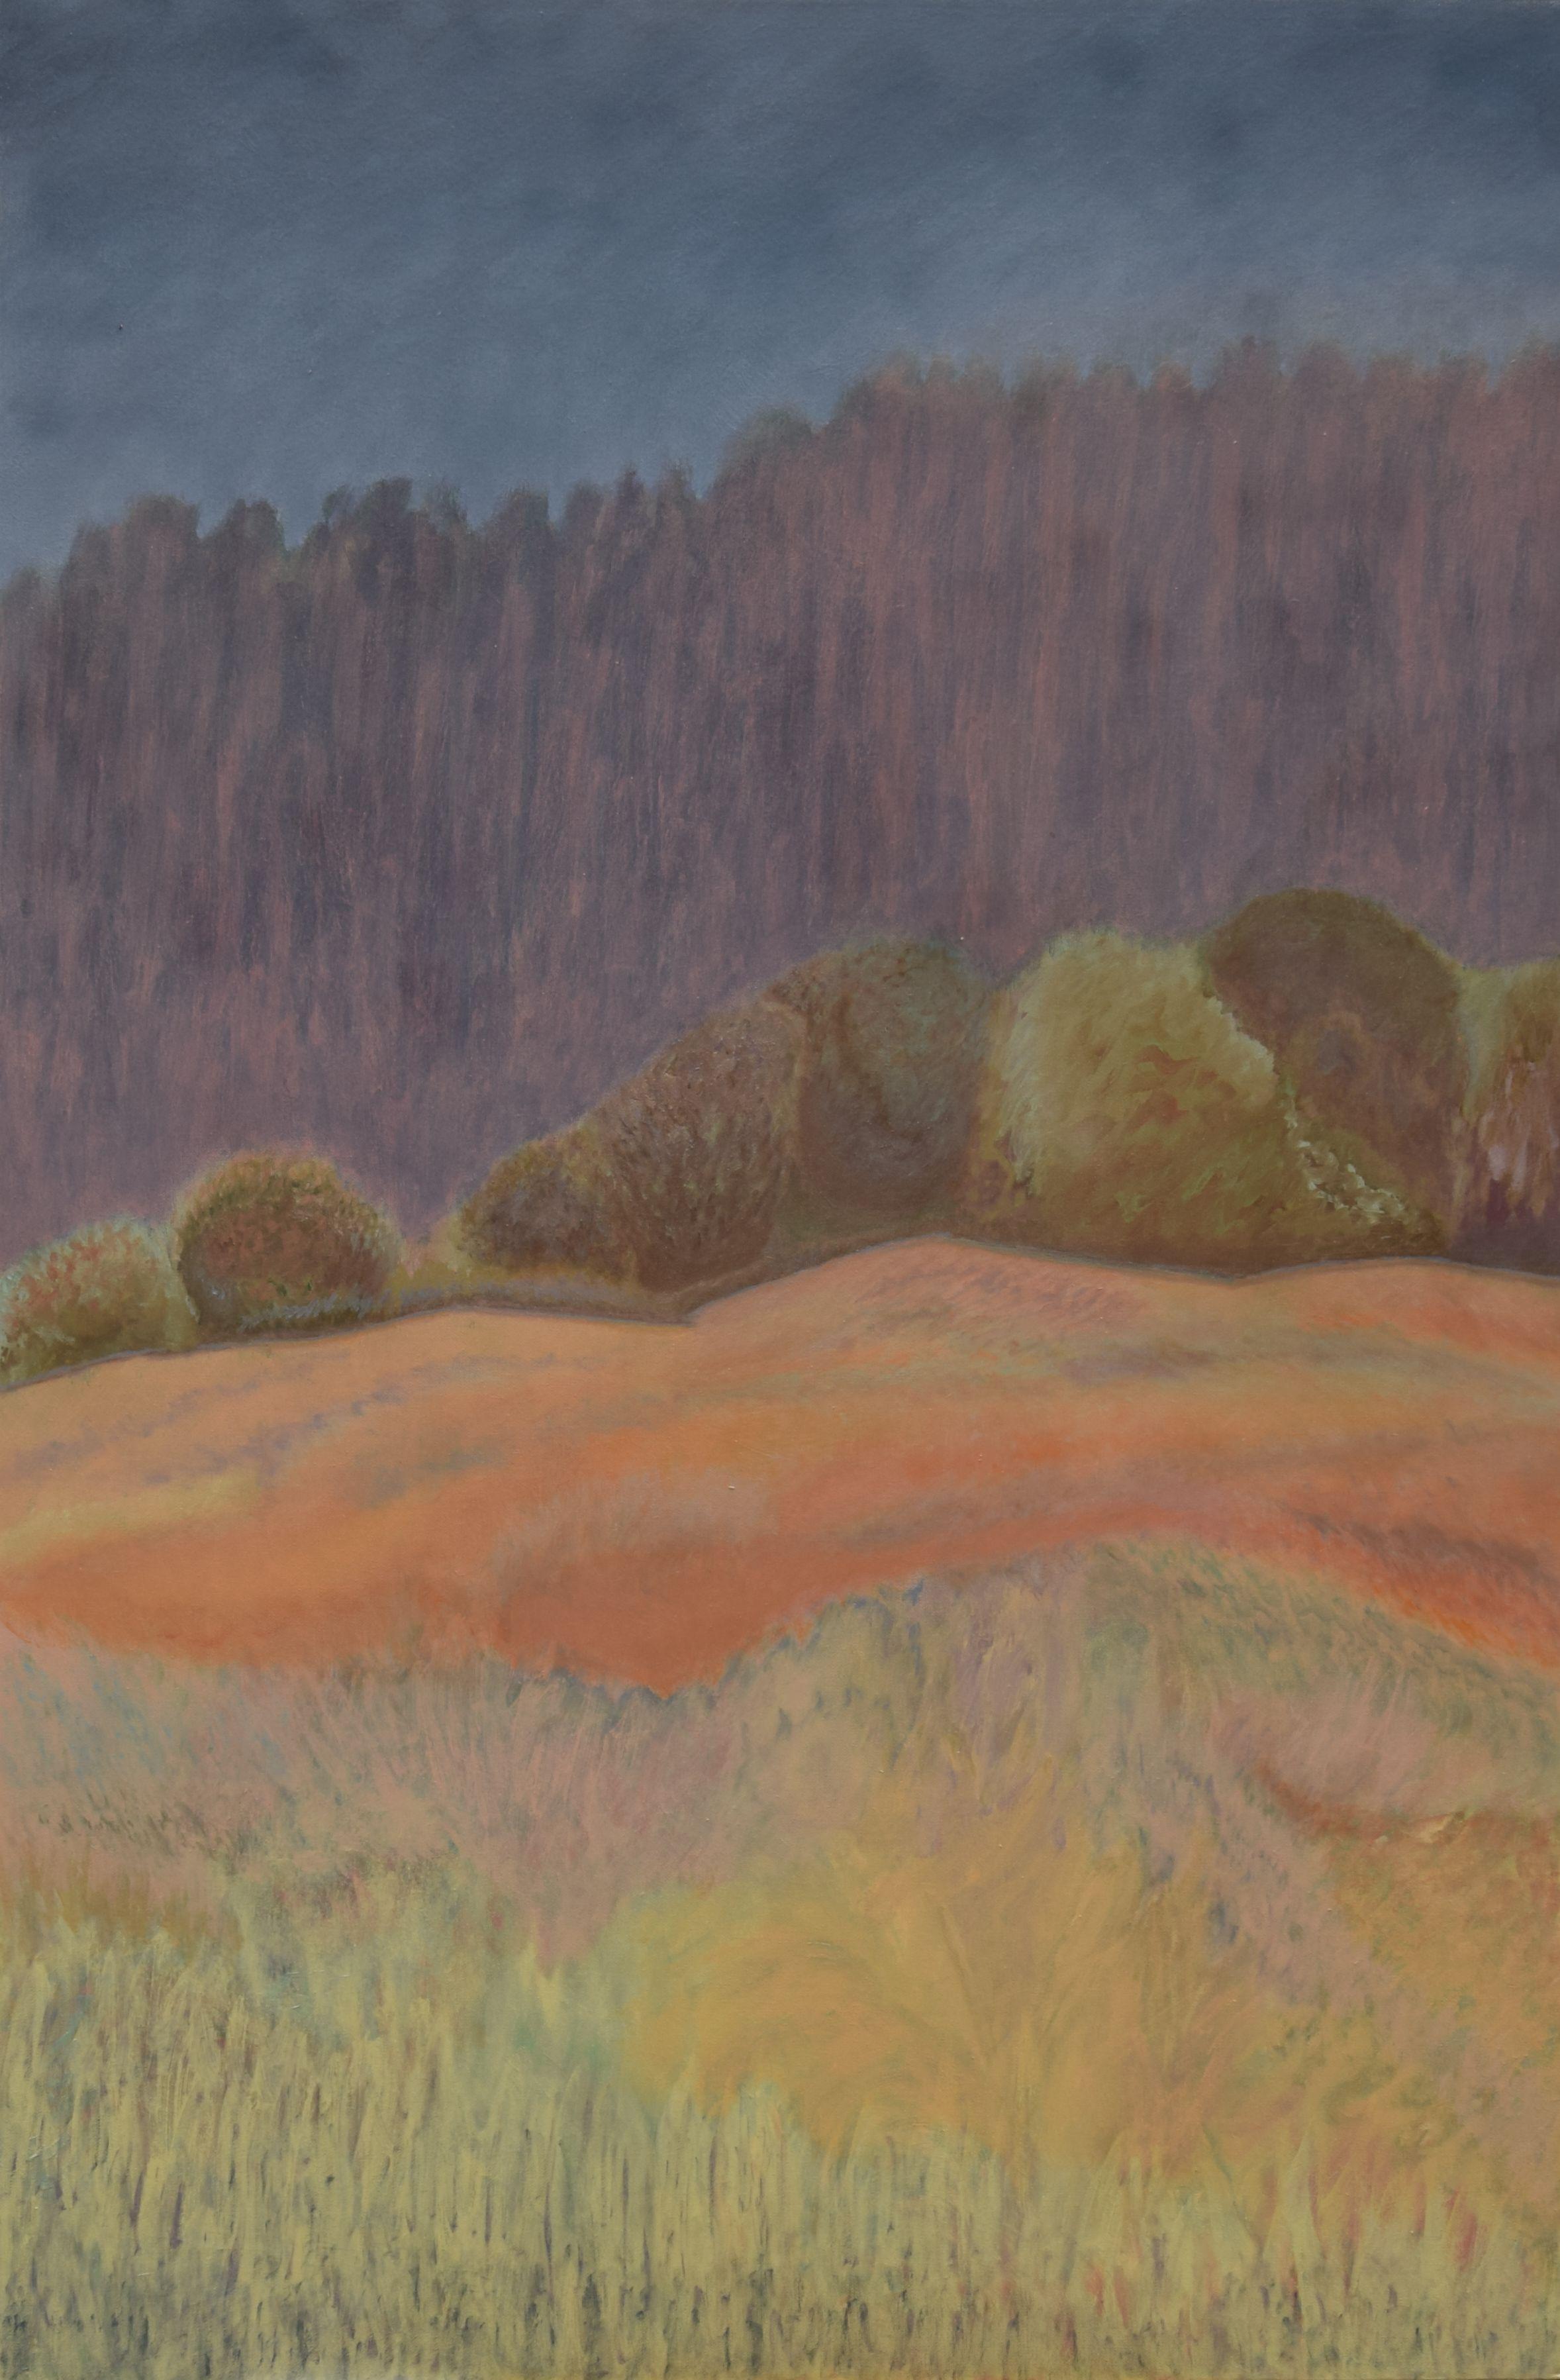 (80x120 cm, oil, acrylic on canvas), 2011-17